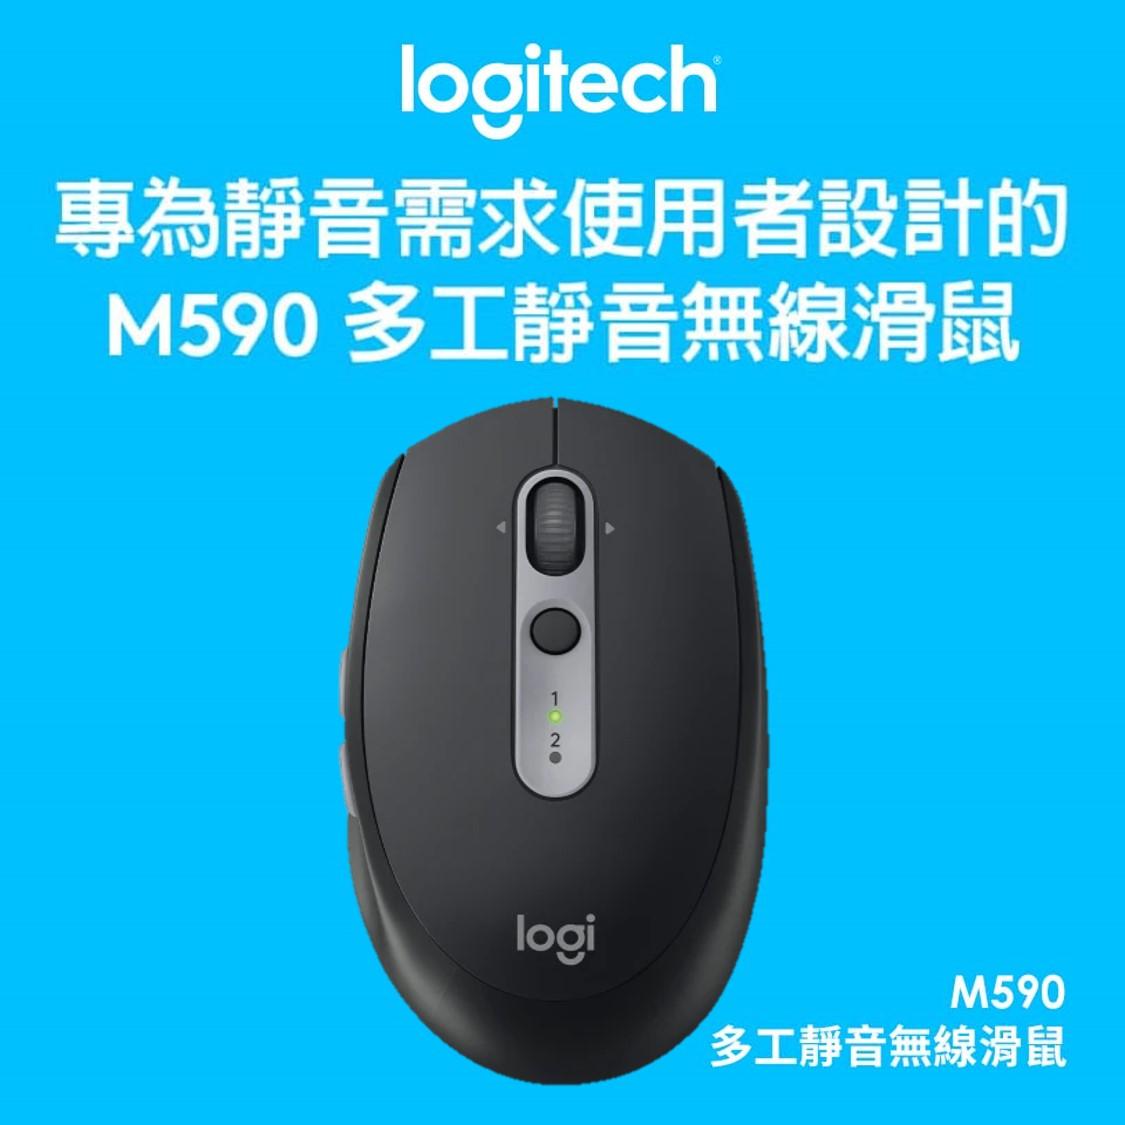 Logitech羅技 M590 多工靜音無線滑鼠 炭石黑